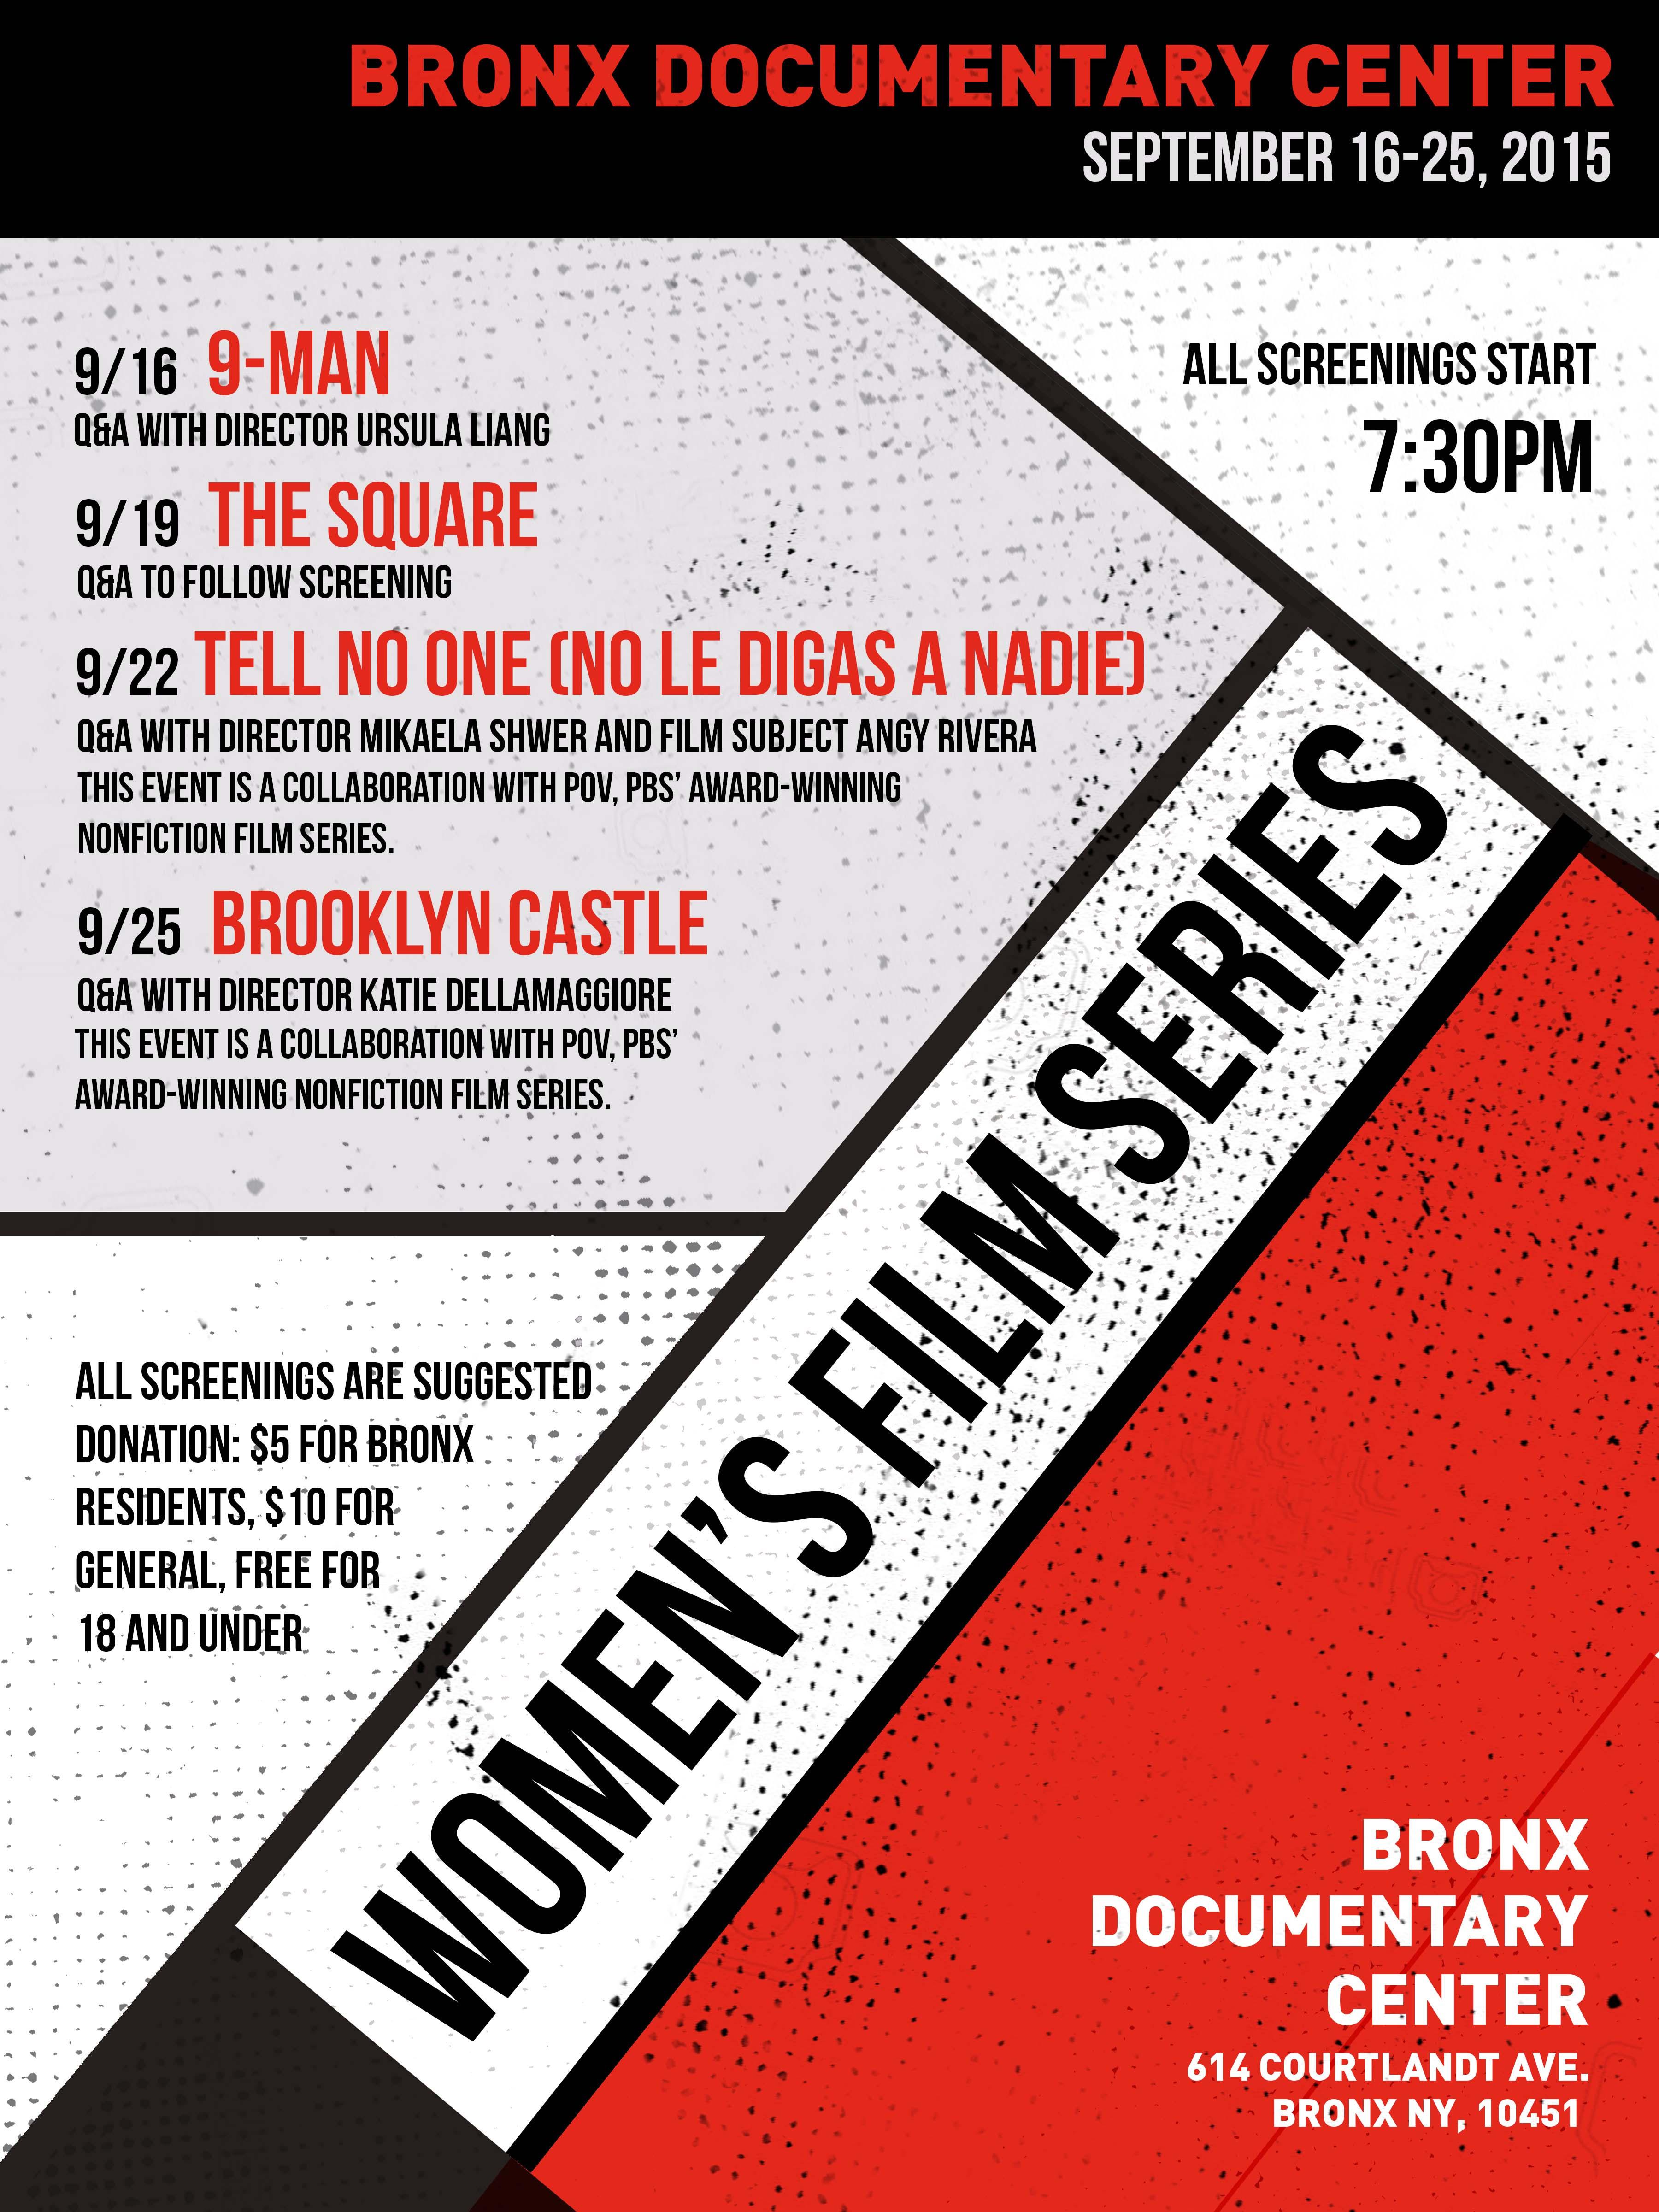 Women's Film Festival at the Bronx Documentary Center